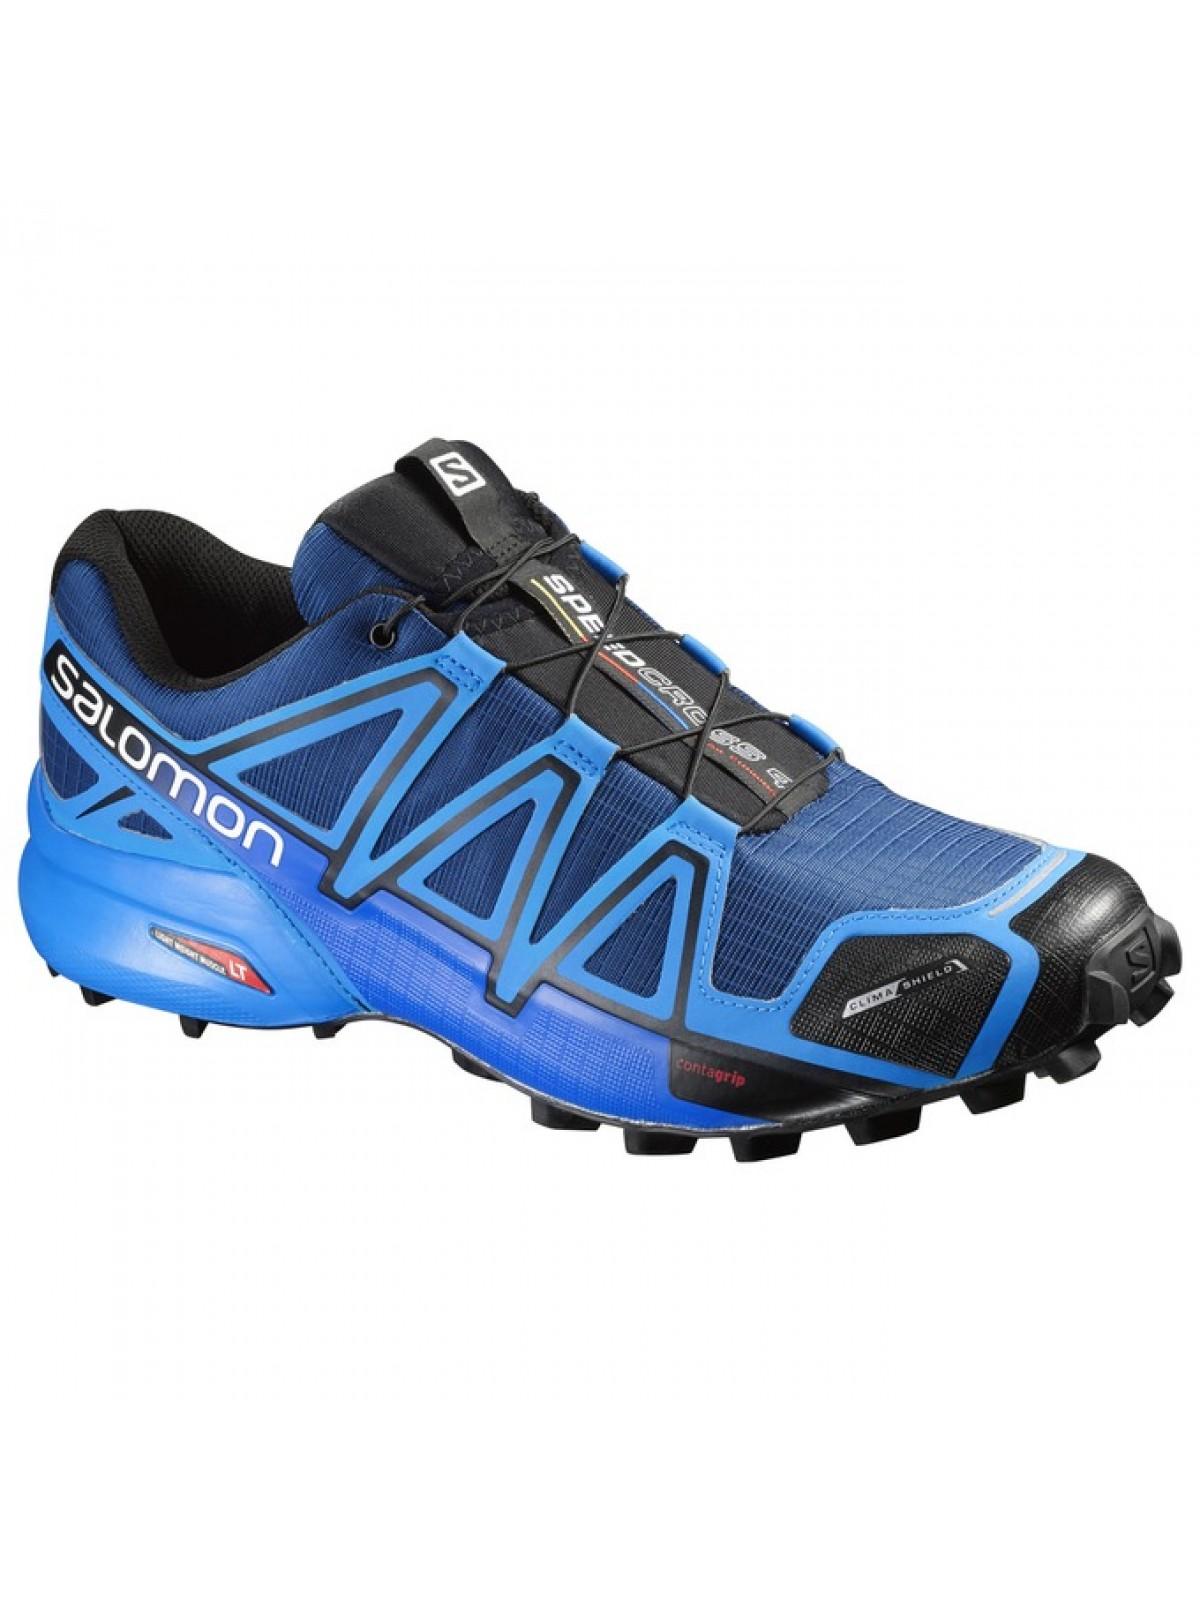 5fe90383dc7cd SALOMON - Speedcross 4 CS Erkek Trekking Ayakkabı